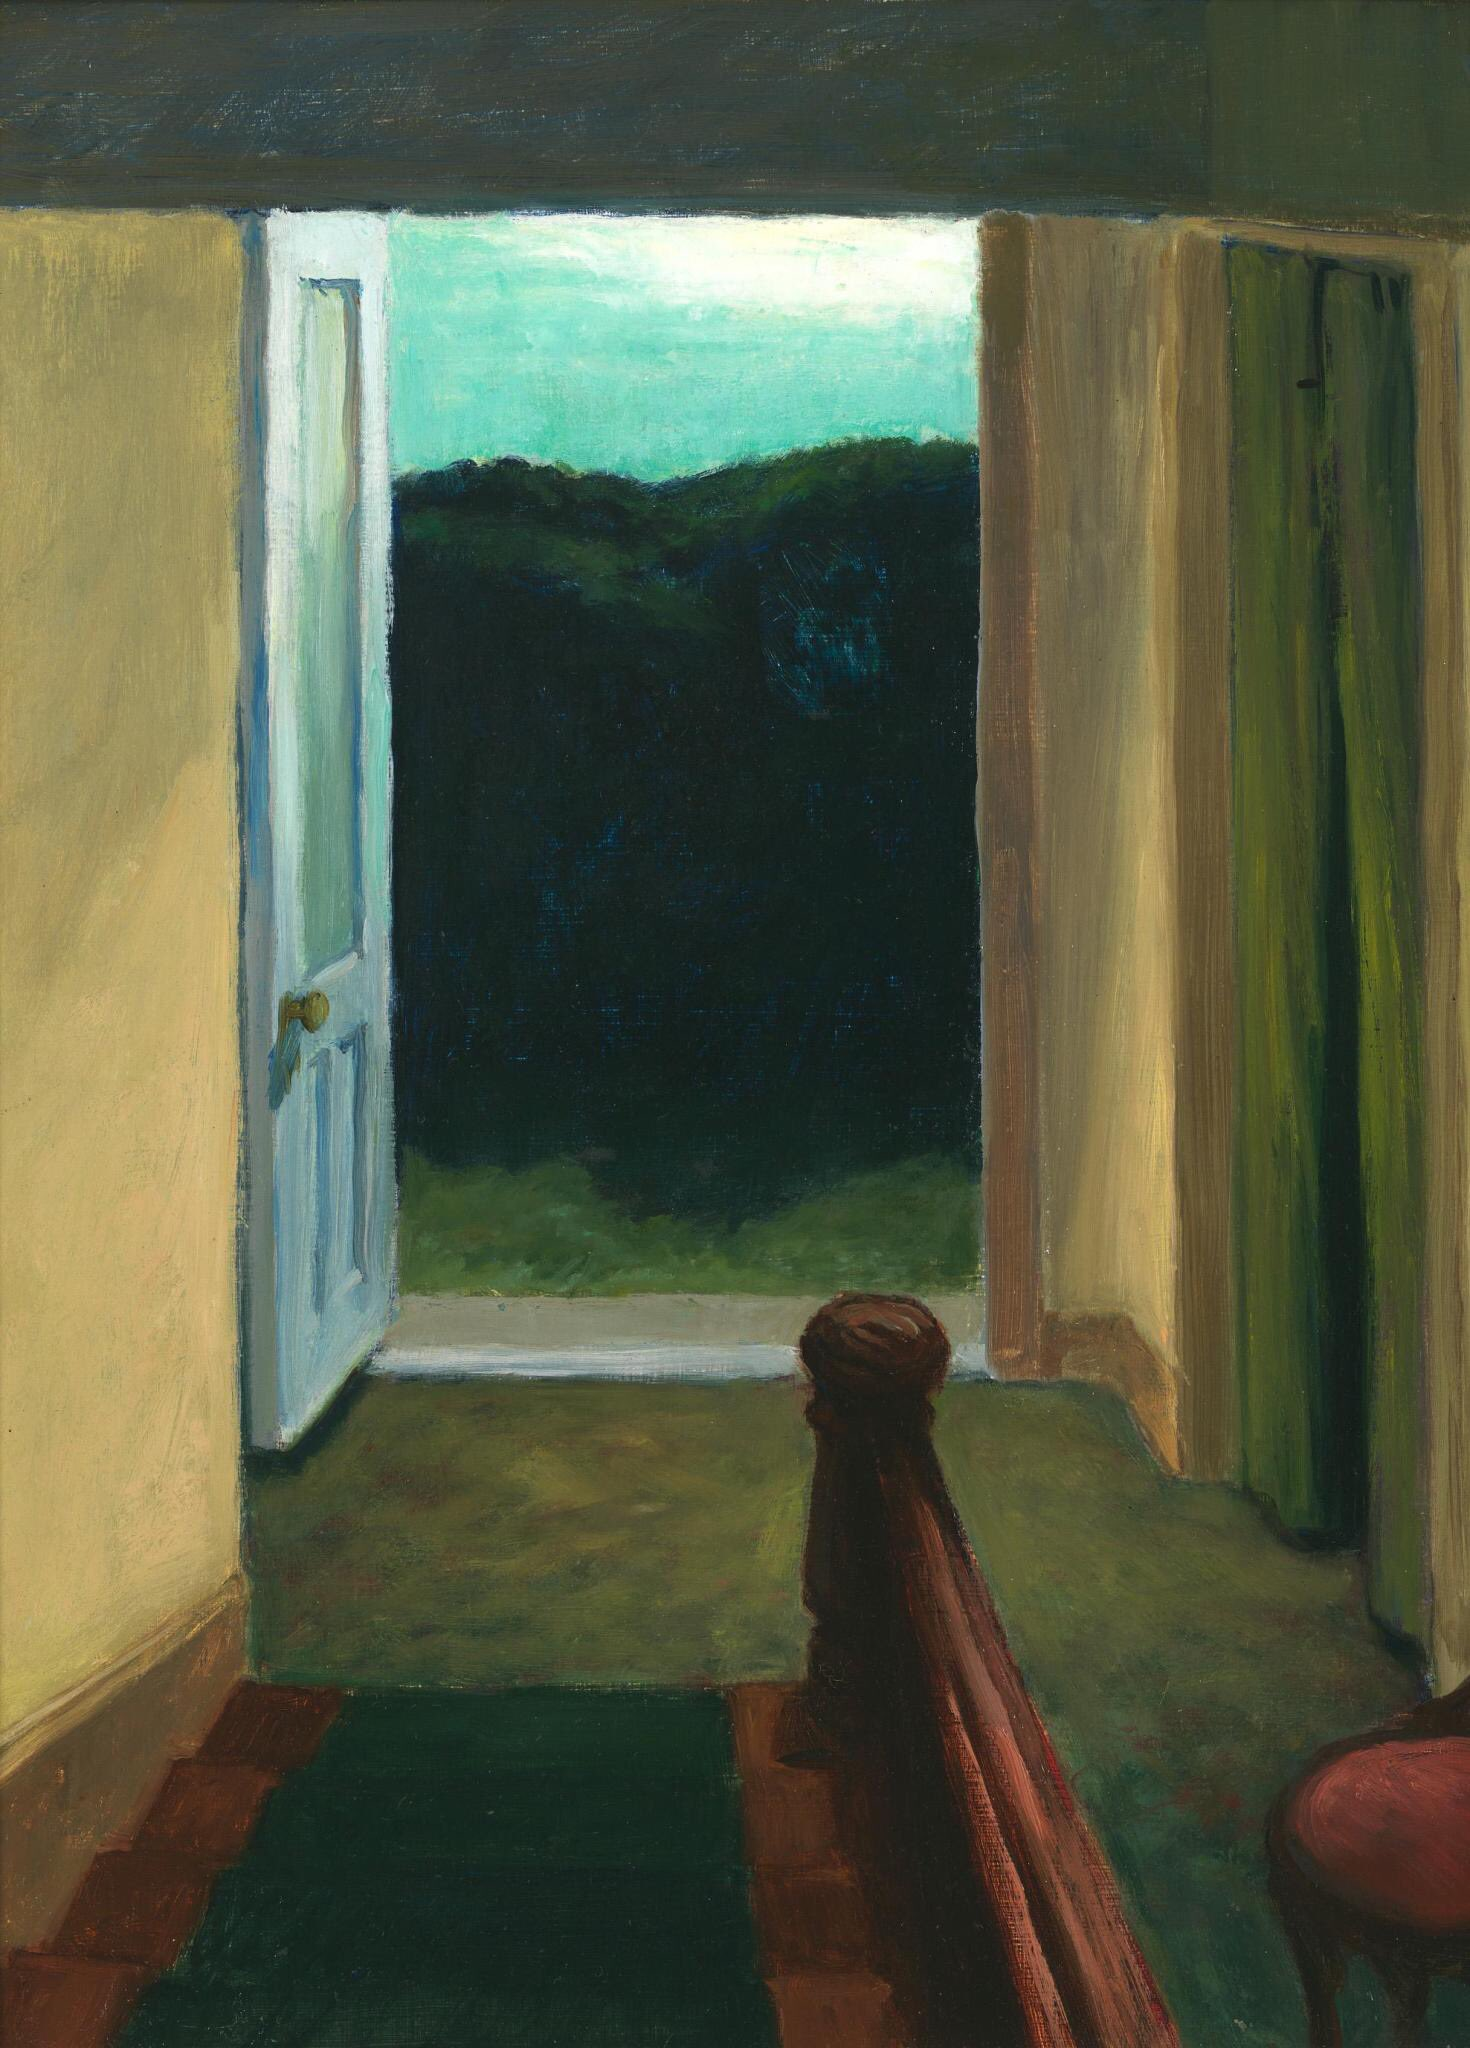 Edward Hopper (1882 - 1967) Stairway, 1949  Whitney Museum of American Art https://t.co/iaZZ5uN262